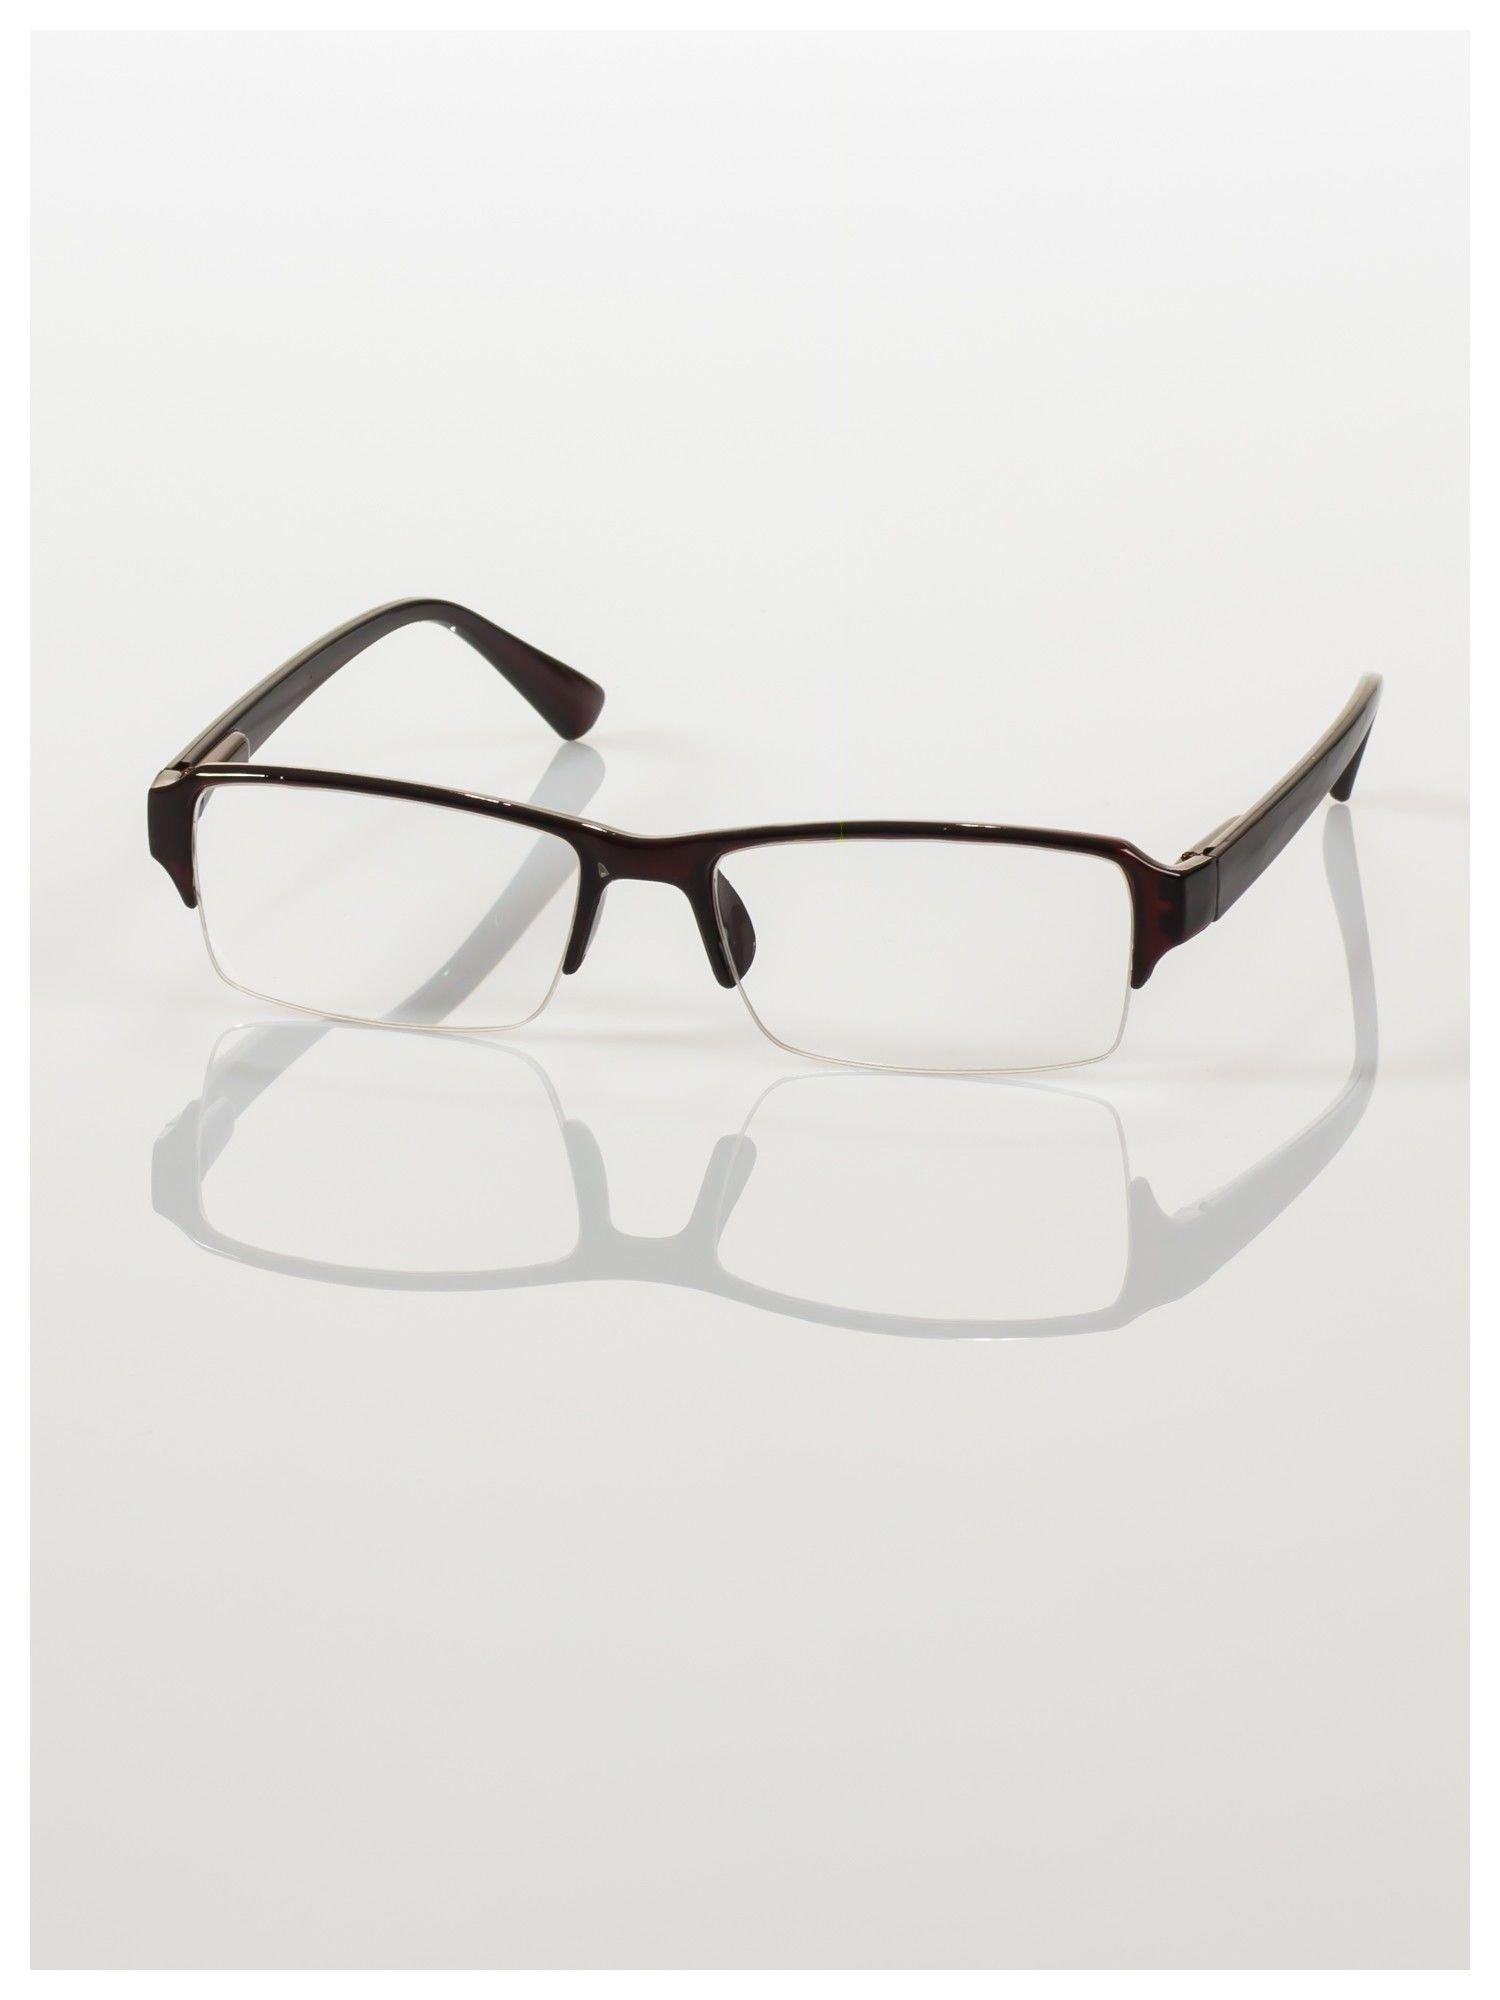 Okulary korekcyjne +1.5 D do czytania z systemem FLEX na zausznikach +GRATIS PLASTIKOWE ETUI I ŚCIERECZKA Z MIKROFIBRY                                  zdj.                                  5